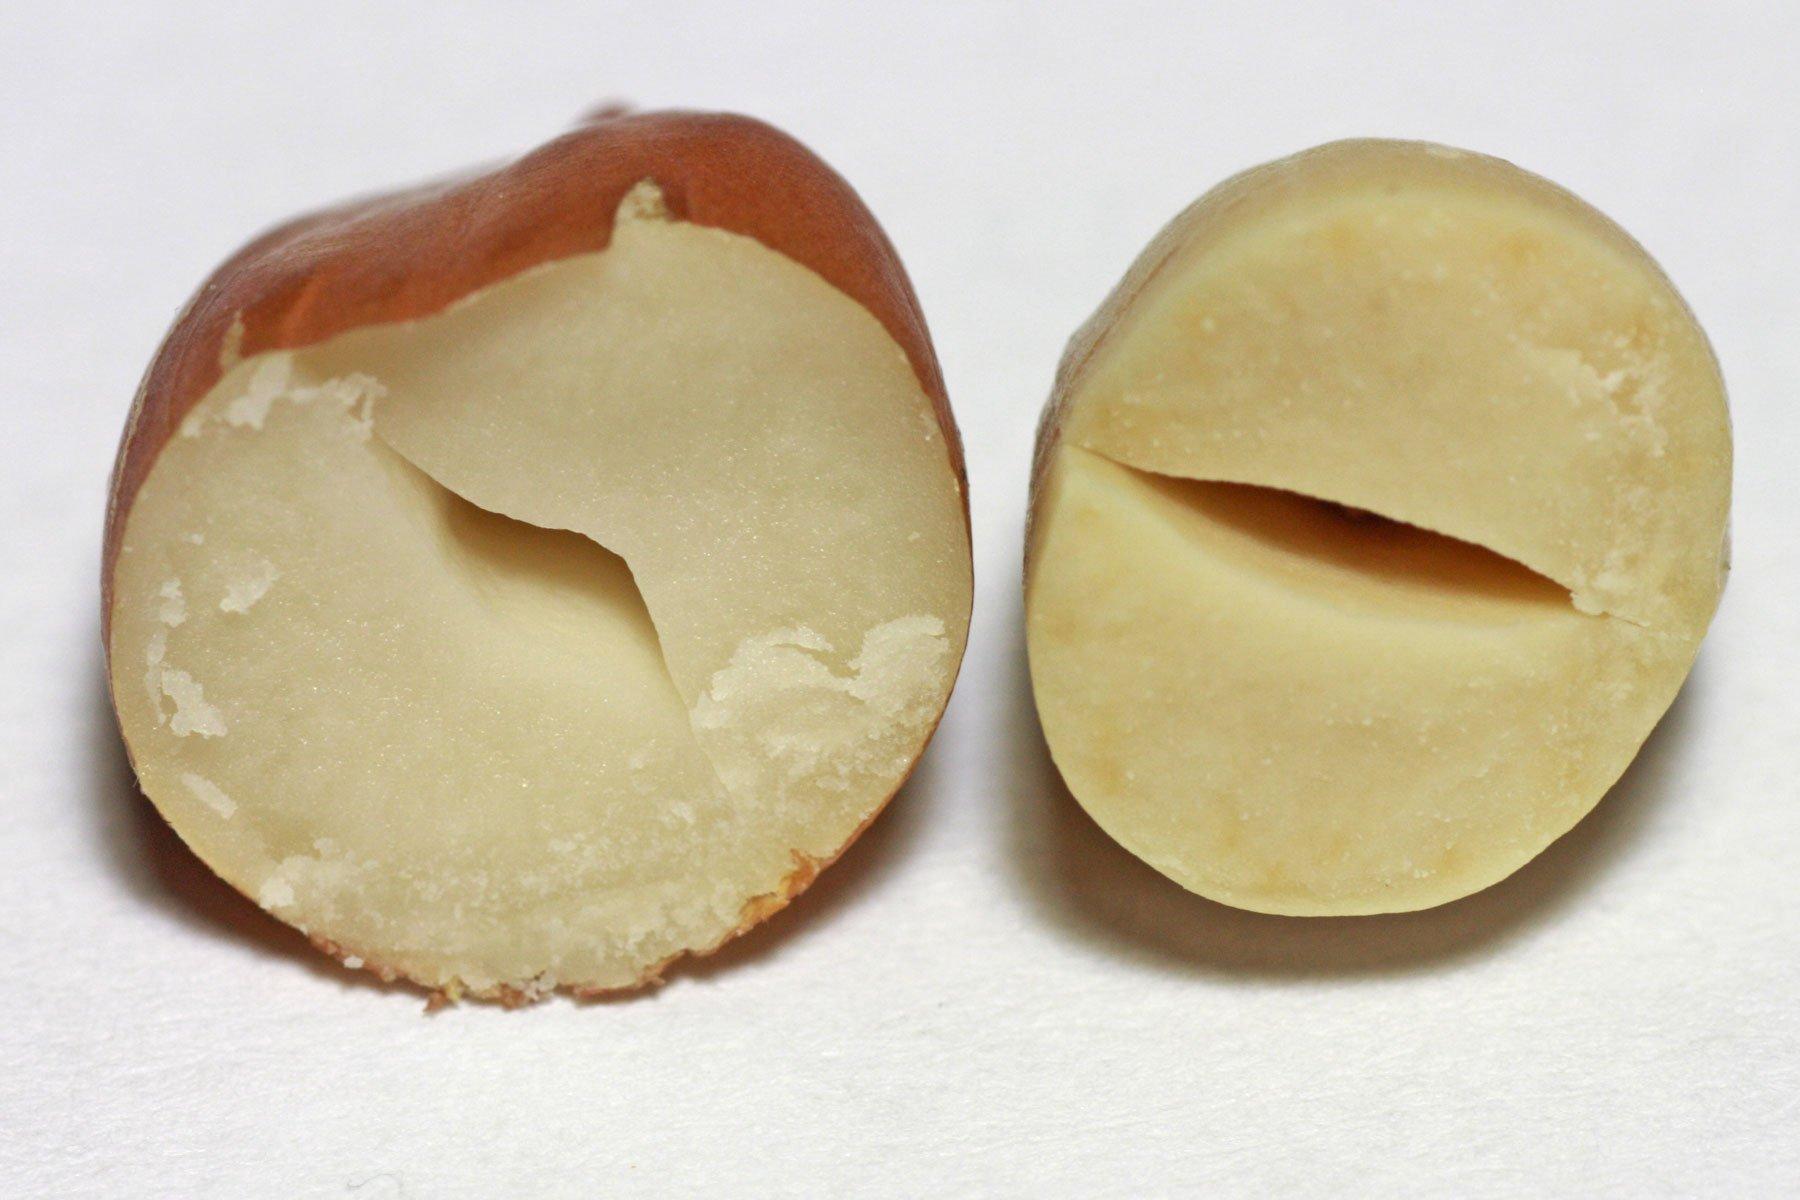 Geröstete und ungeröstete Erdnuss